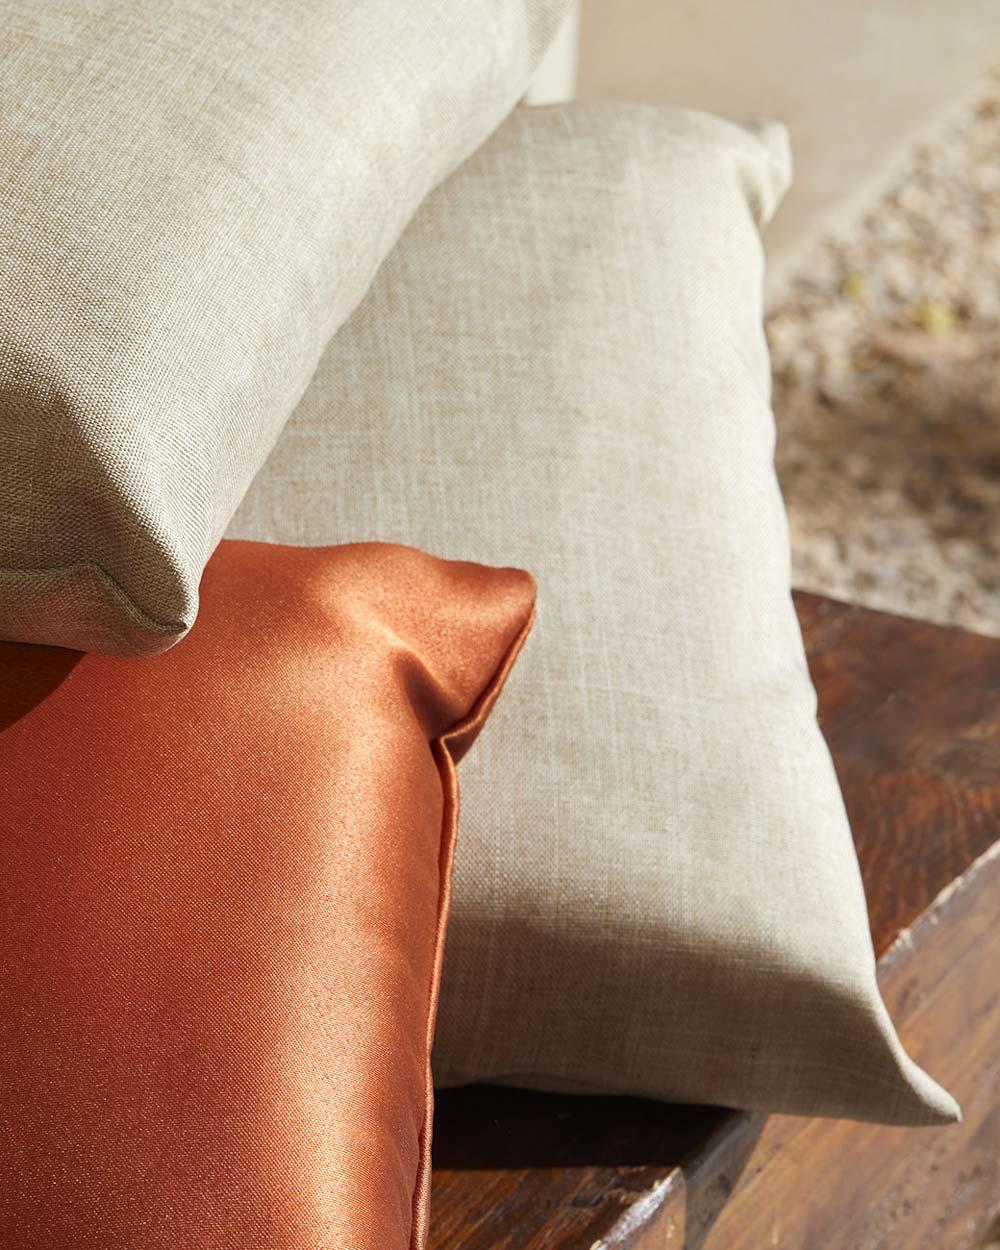 Magilu International - Tovaglia antimacchia e antistiro su misura per ristorante - Cuscini